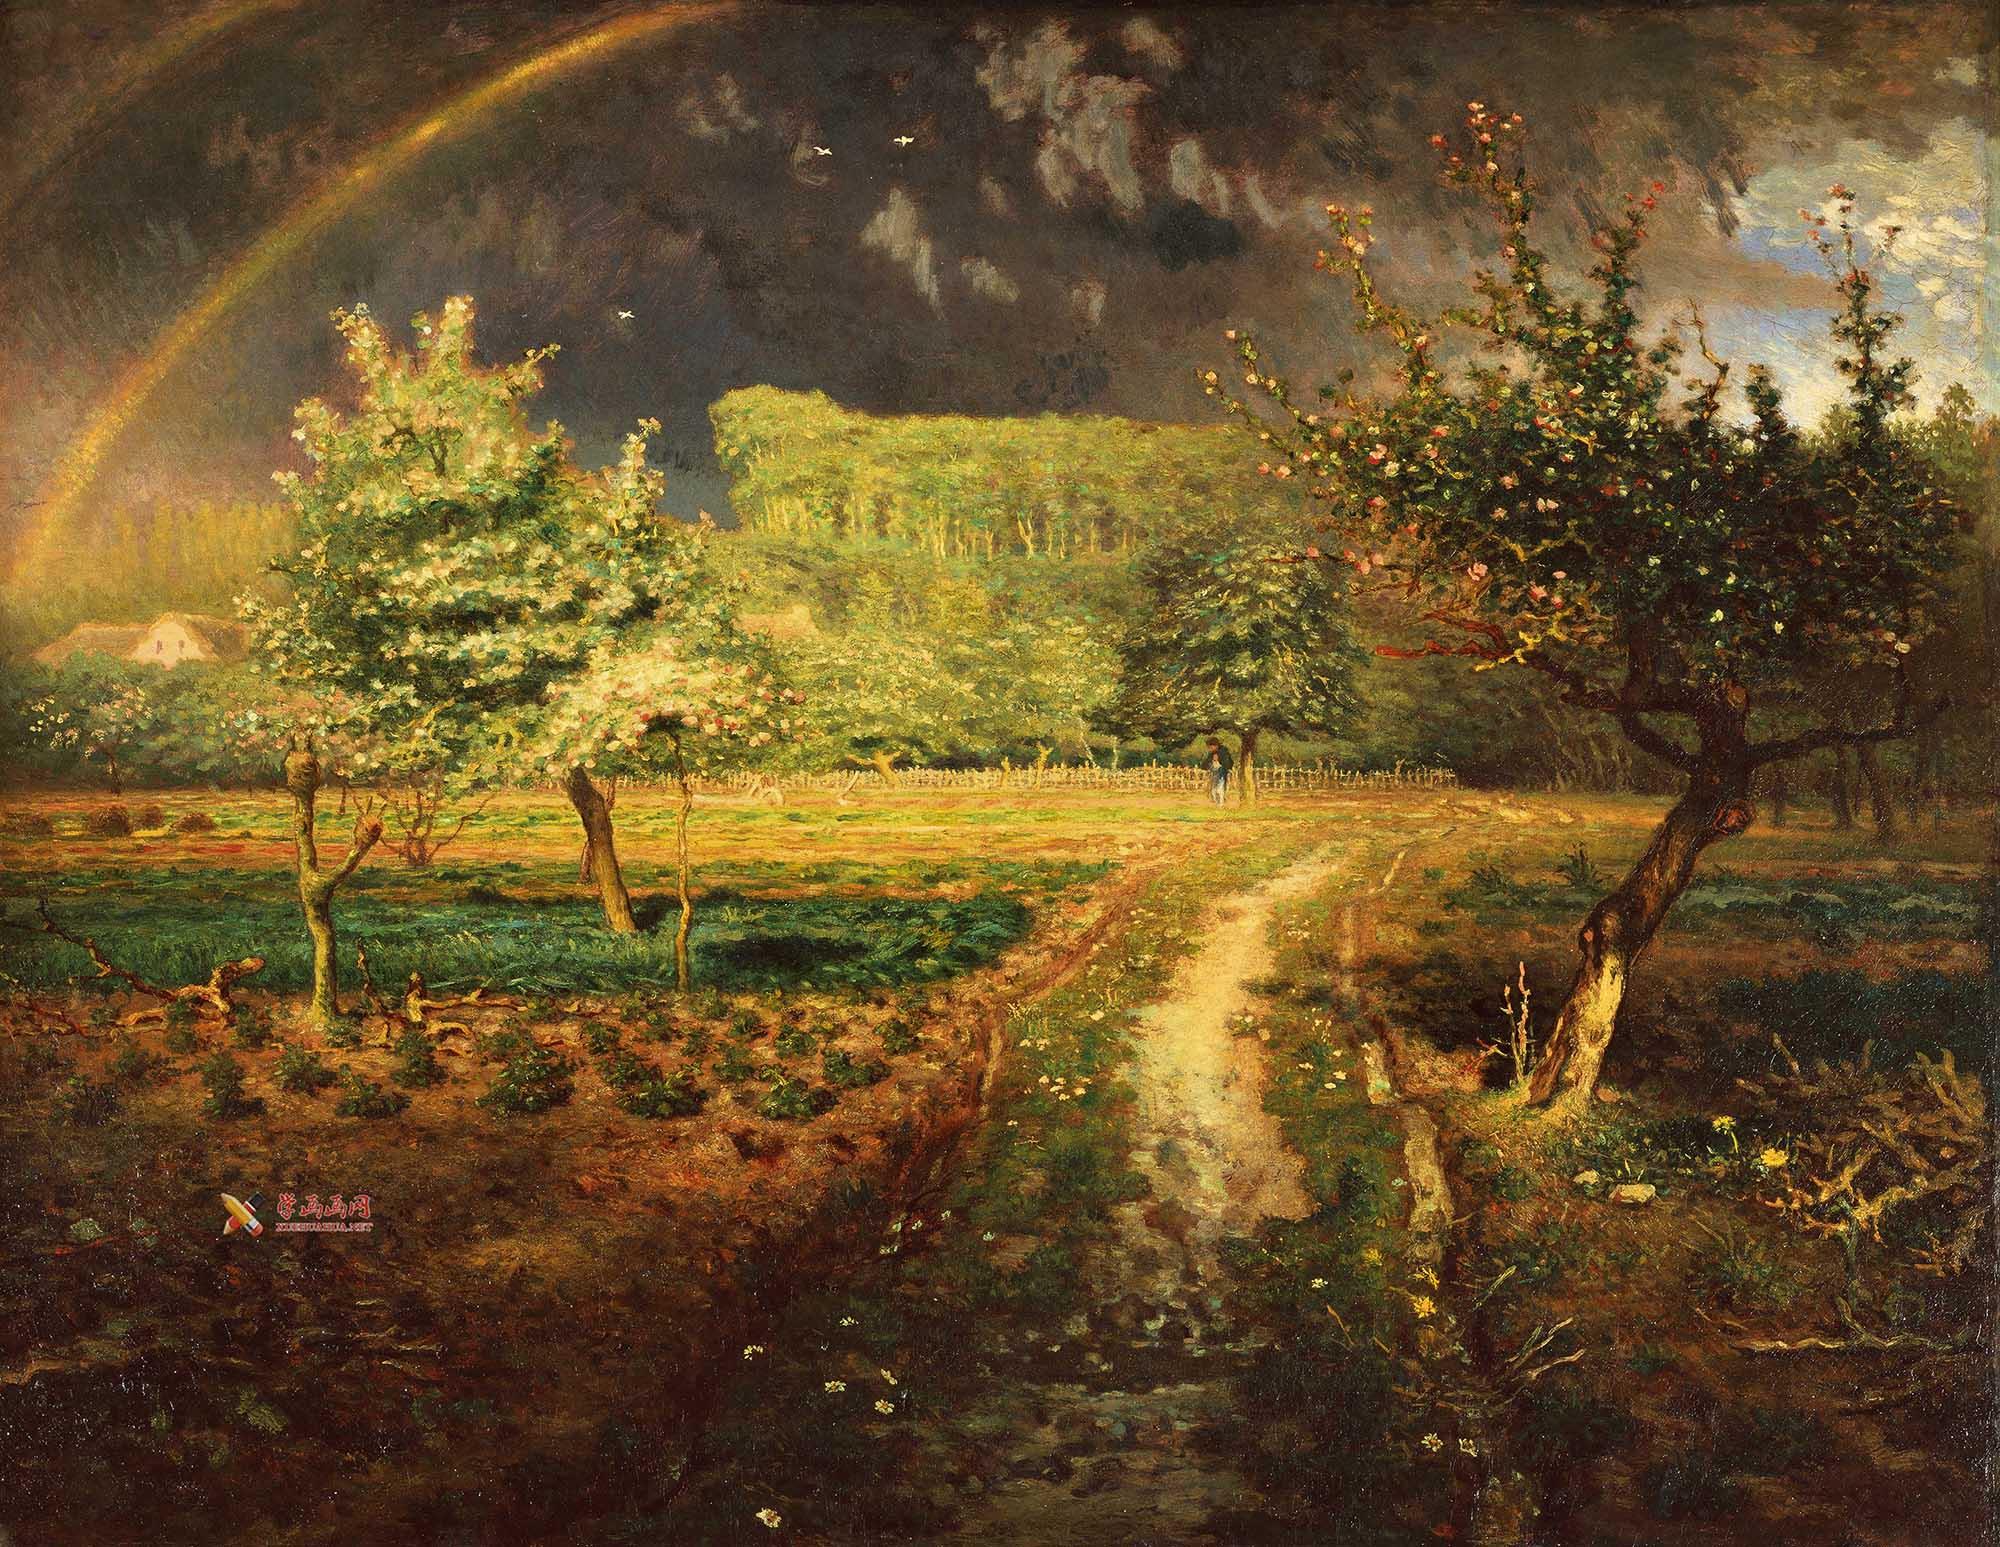 米勒油画作品《春》赏析(1)